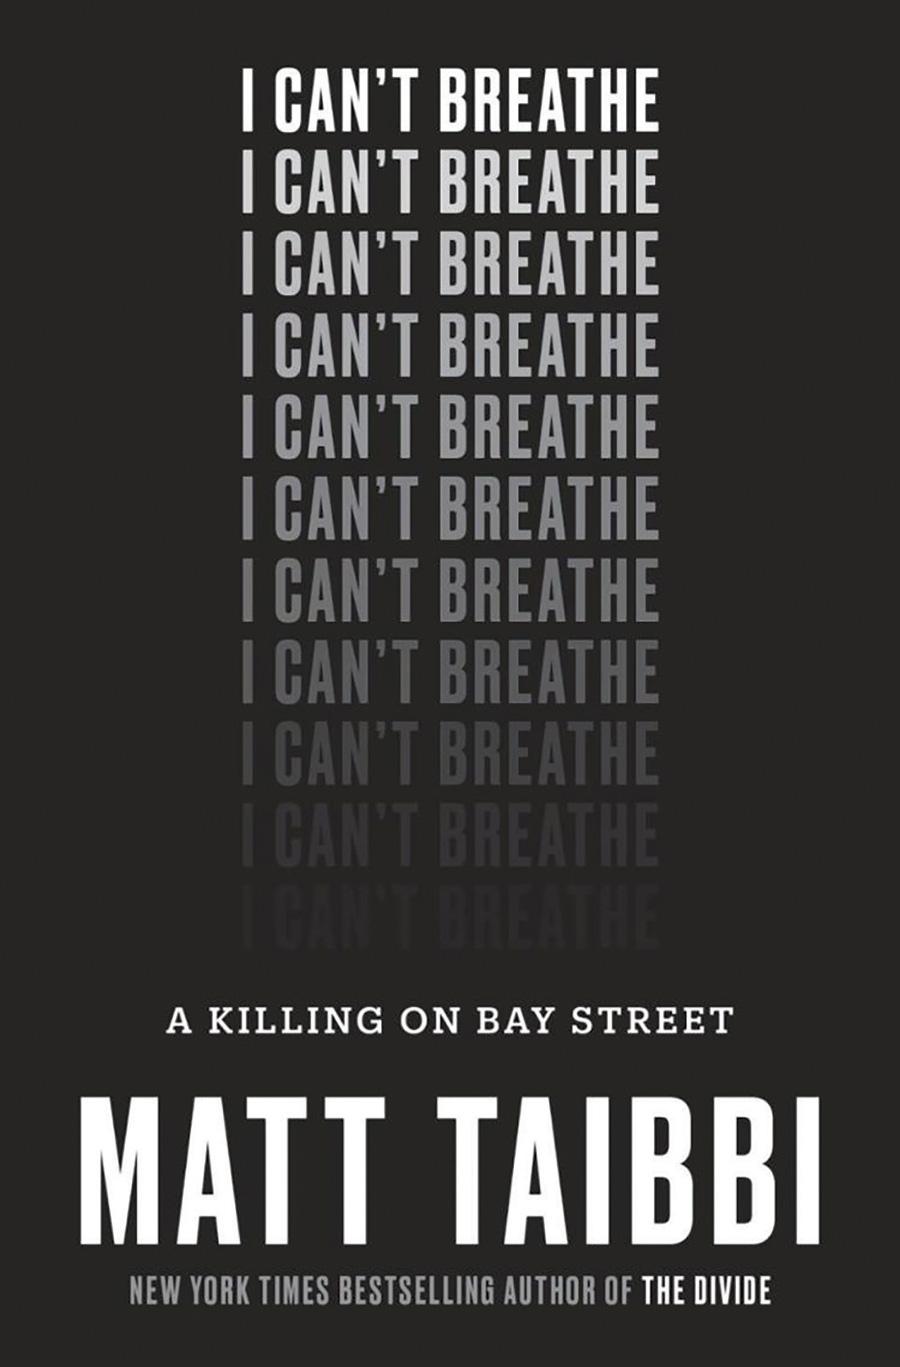 <i>I Can't Breathe: A Killing on Bay Street</i> by Matt Taibbi (Penguin Random House)